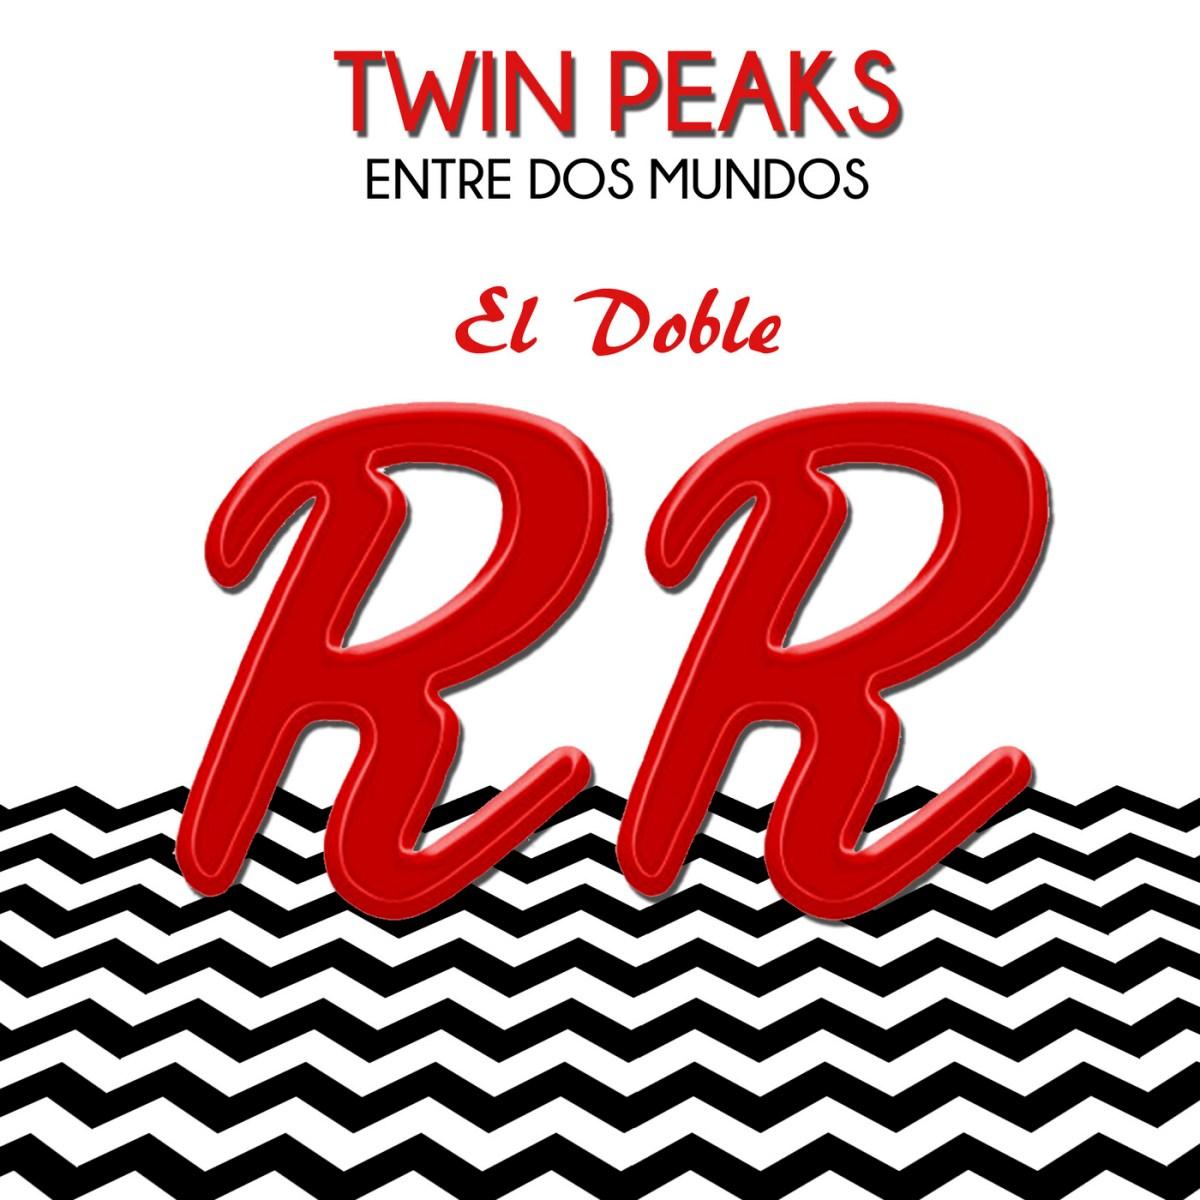 El Doble RR: Revisión Twin Peaks S1E7 –